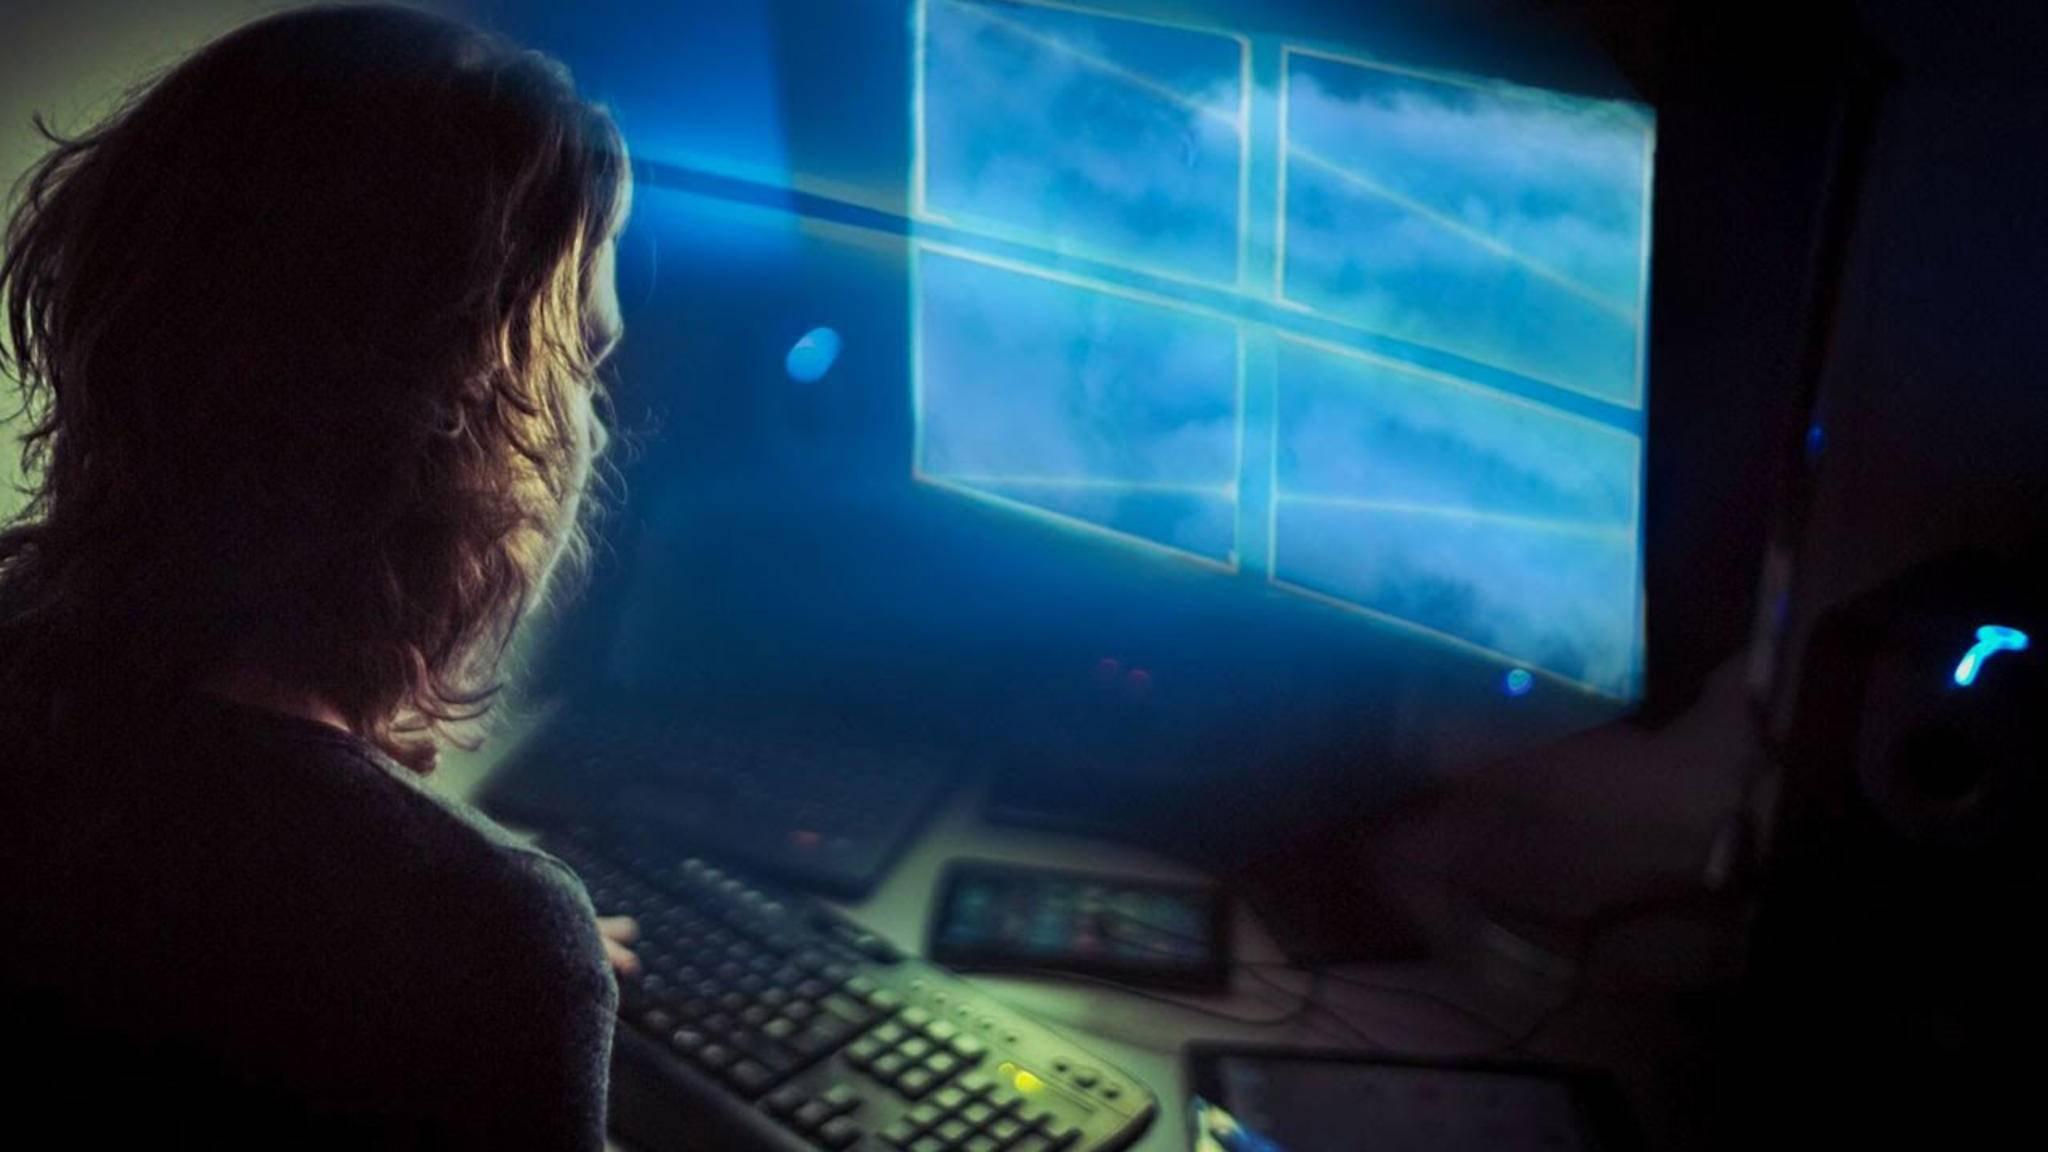 Das neue Game-Monitor-Modus könnte Cheatern das Leben schwerer machen.